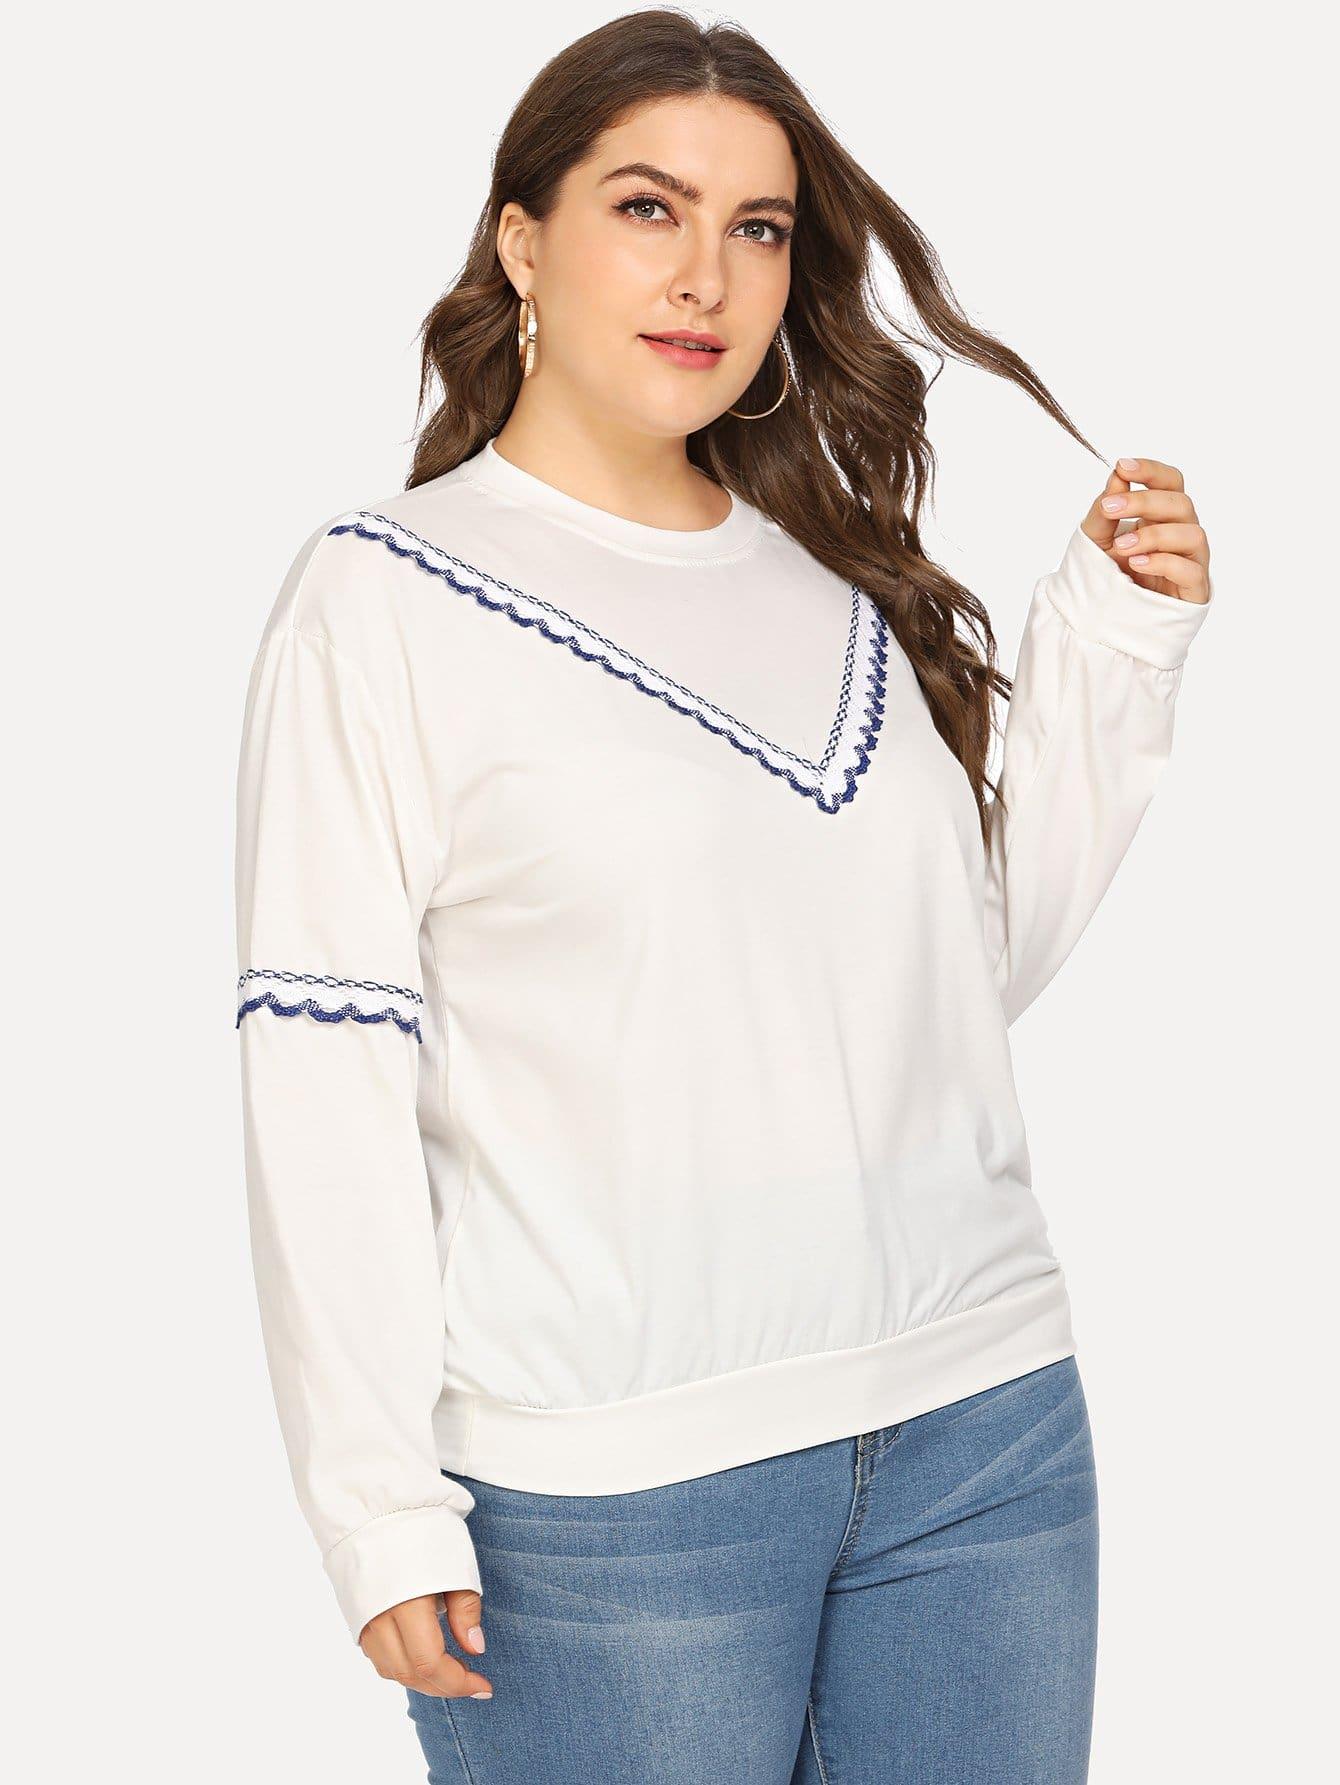 Купить Большая спортивная футболка и со симметрическими кружевами, Franziska, SheIn